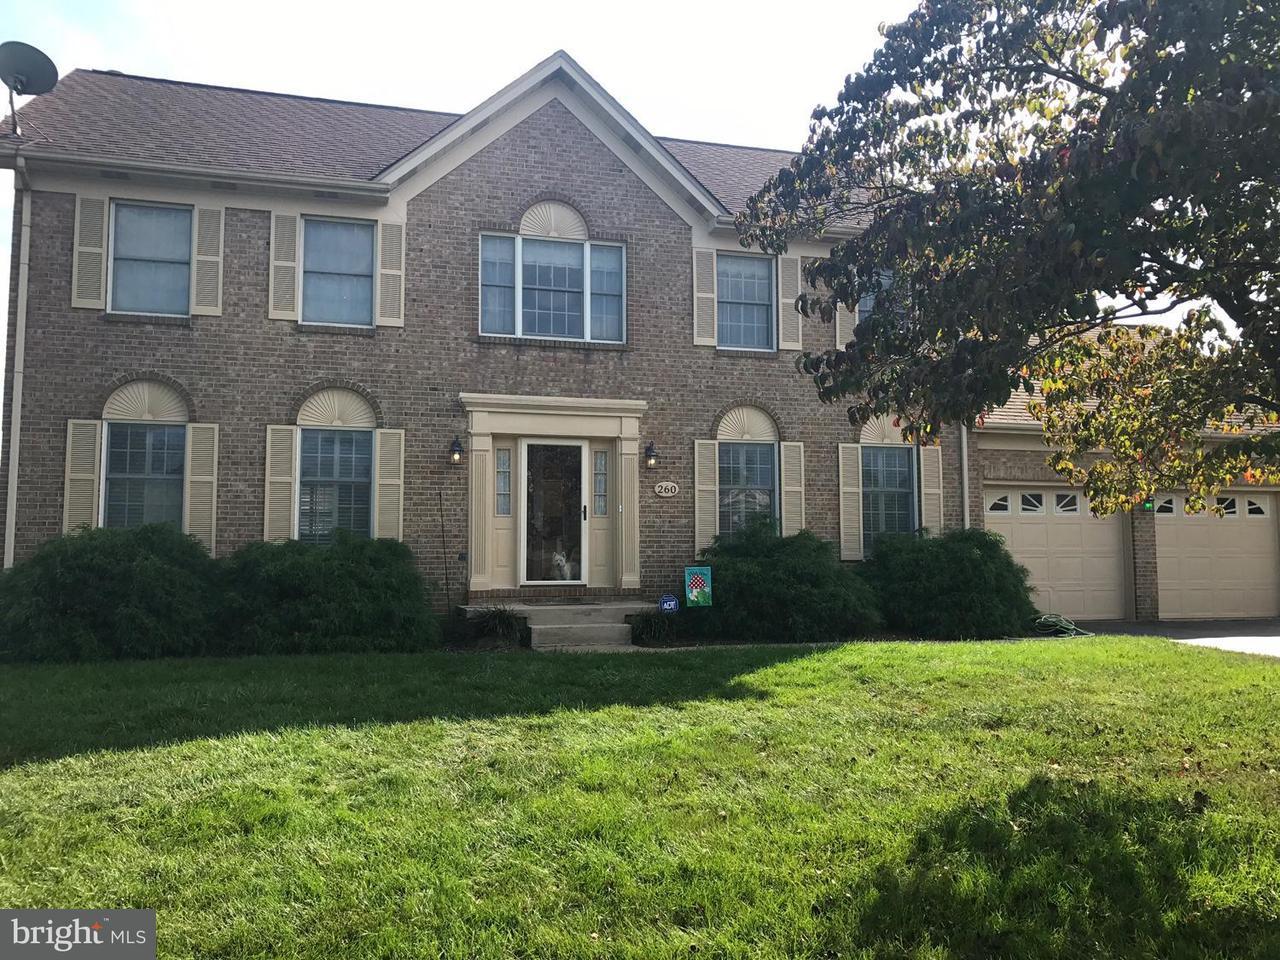 Maison unifamiliale pour l Vente à 260 PROVIDENCE Circle 260 PROVIDENCE Circle Walkersville, Maryland 21793 États-Unis